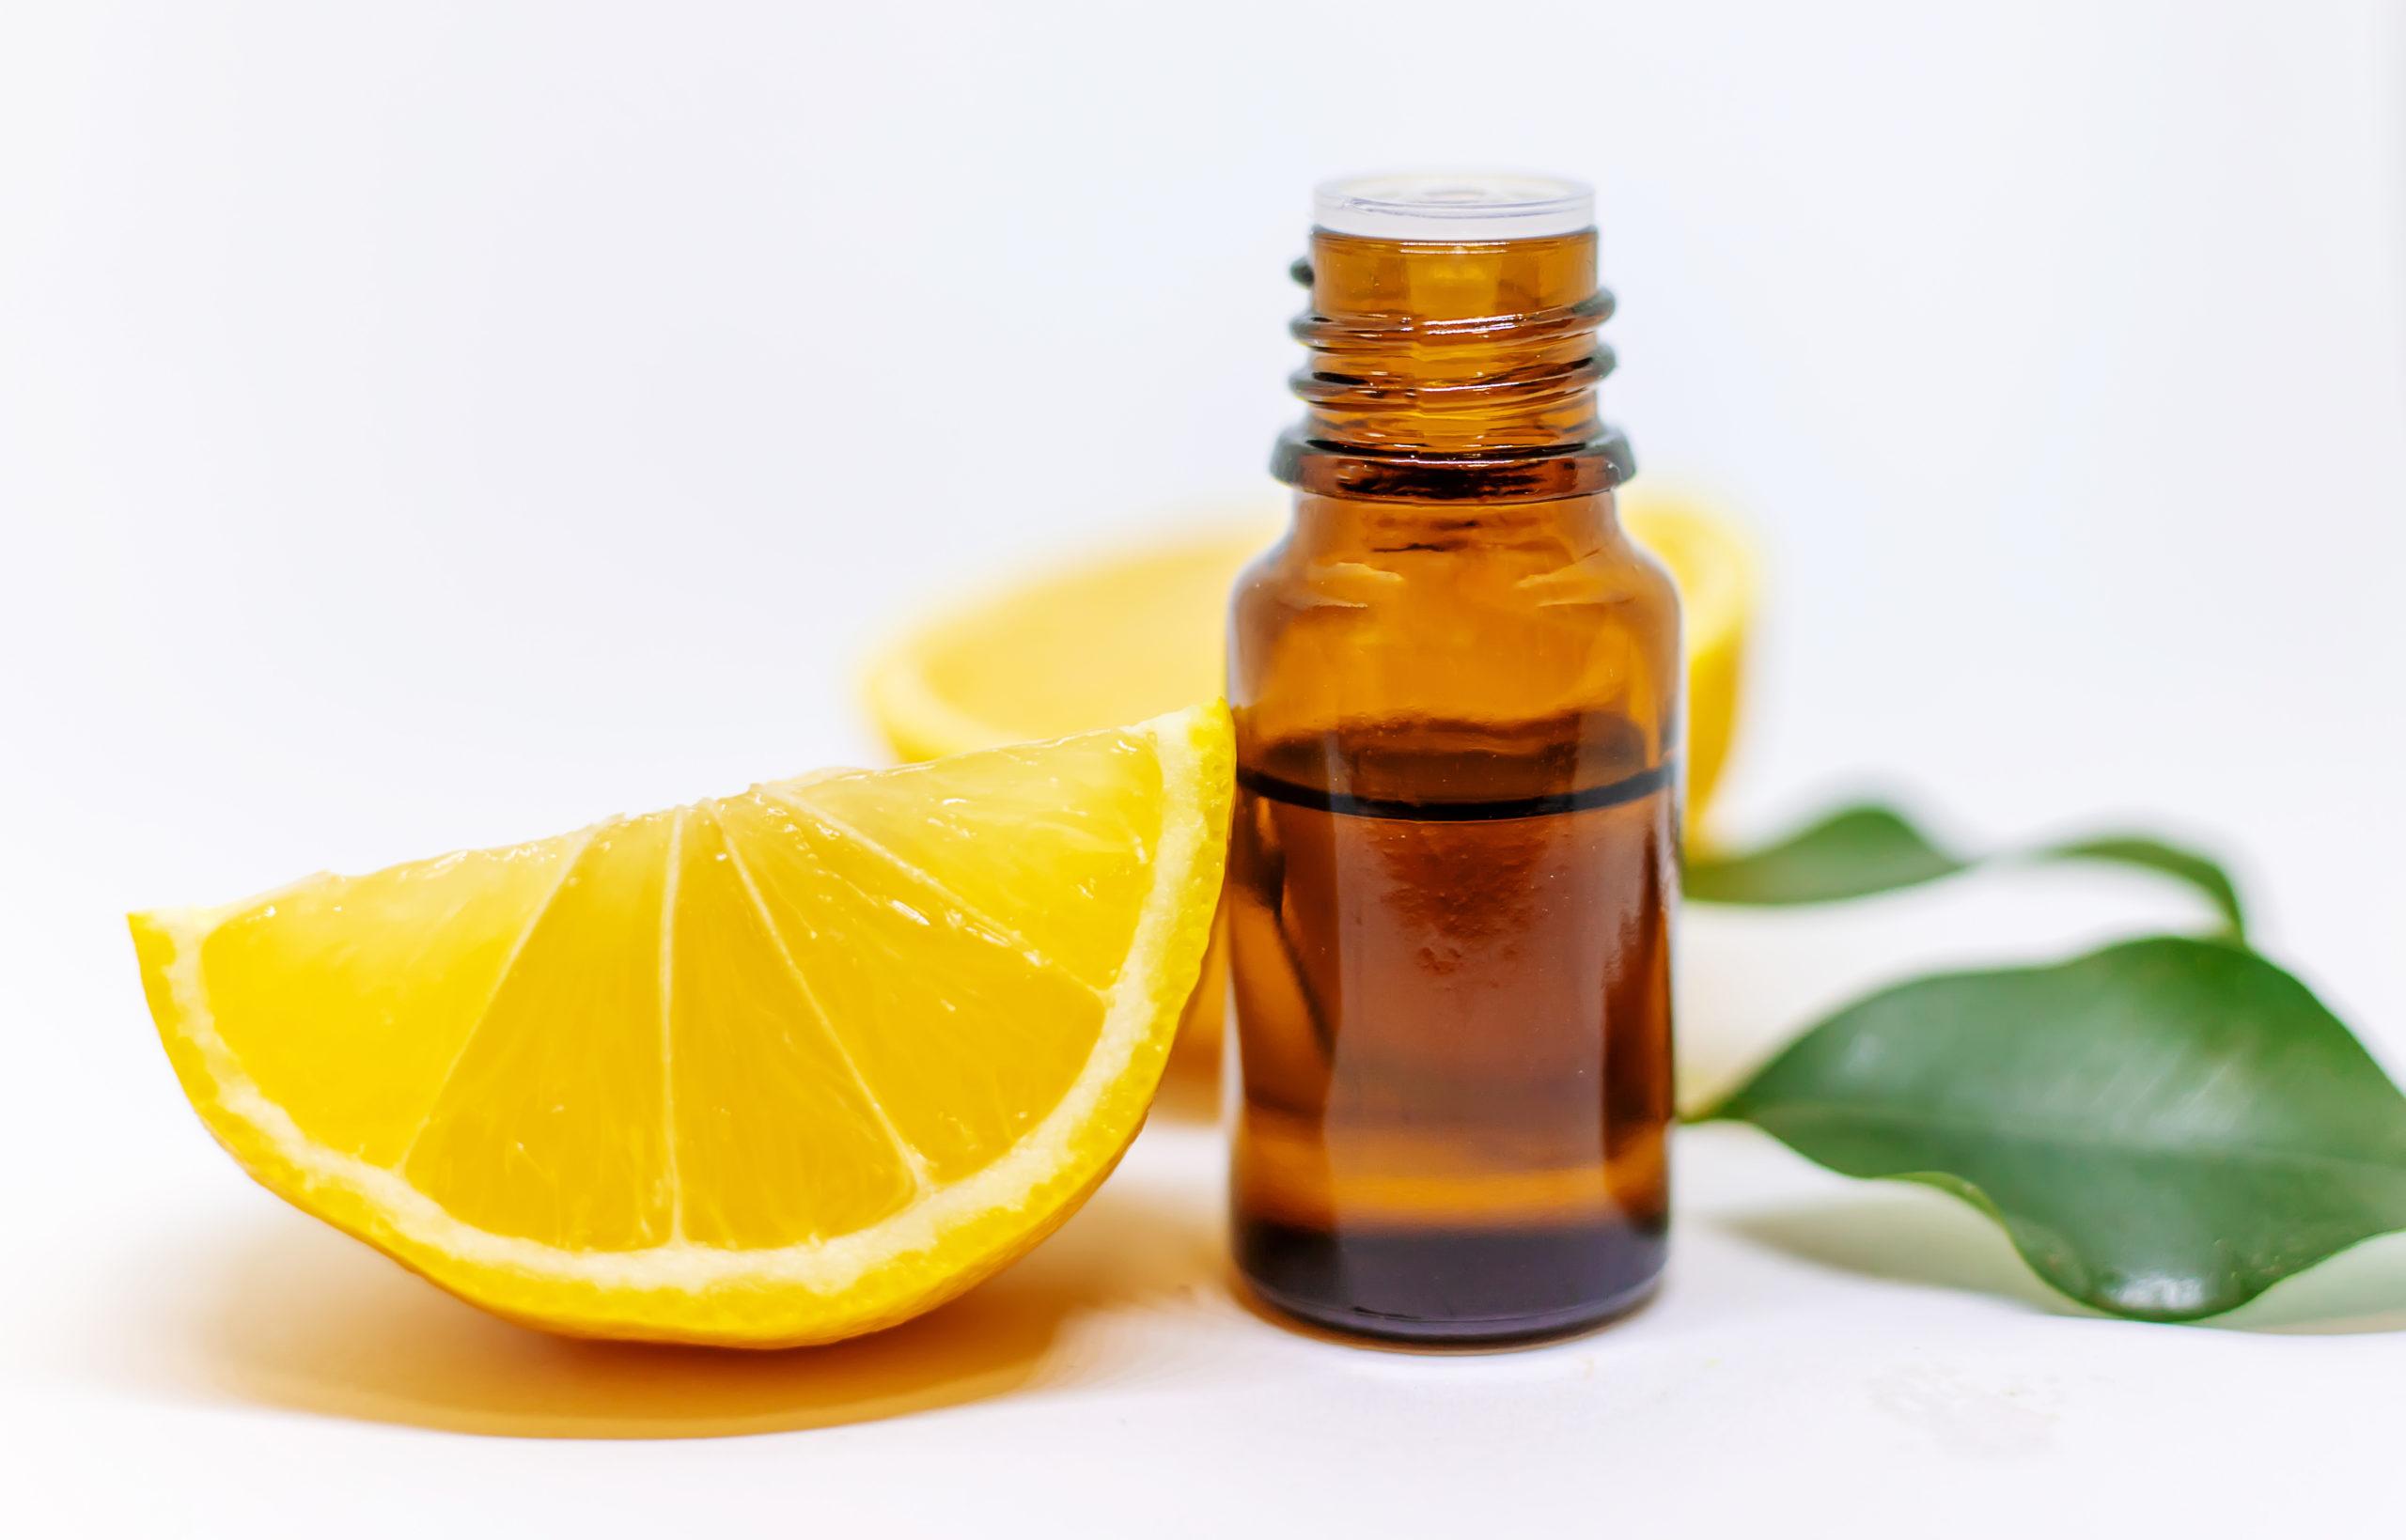 L'huile essentielle de zeste de citron : une panacée aromatique